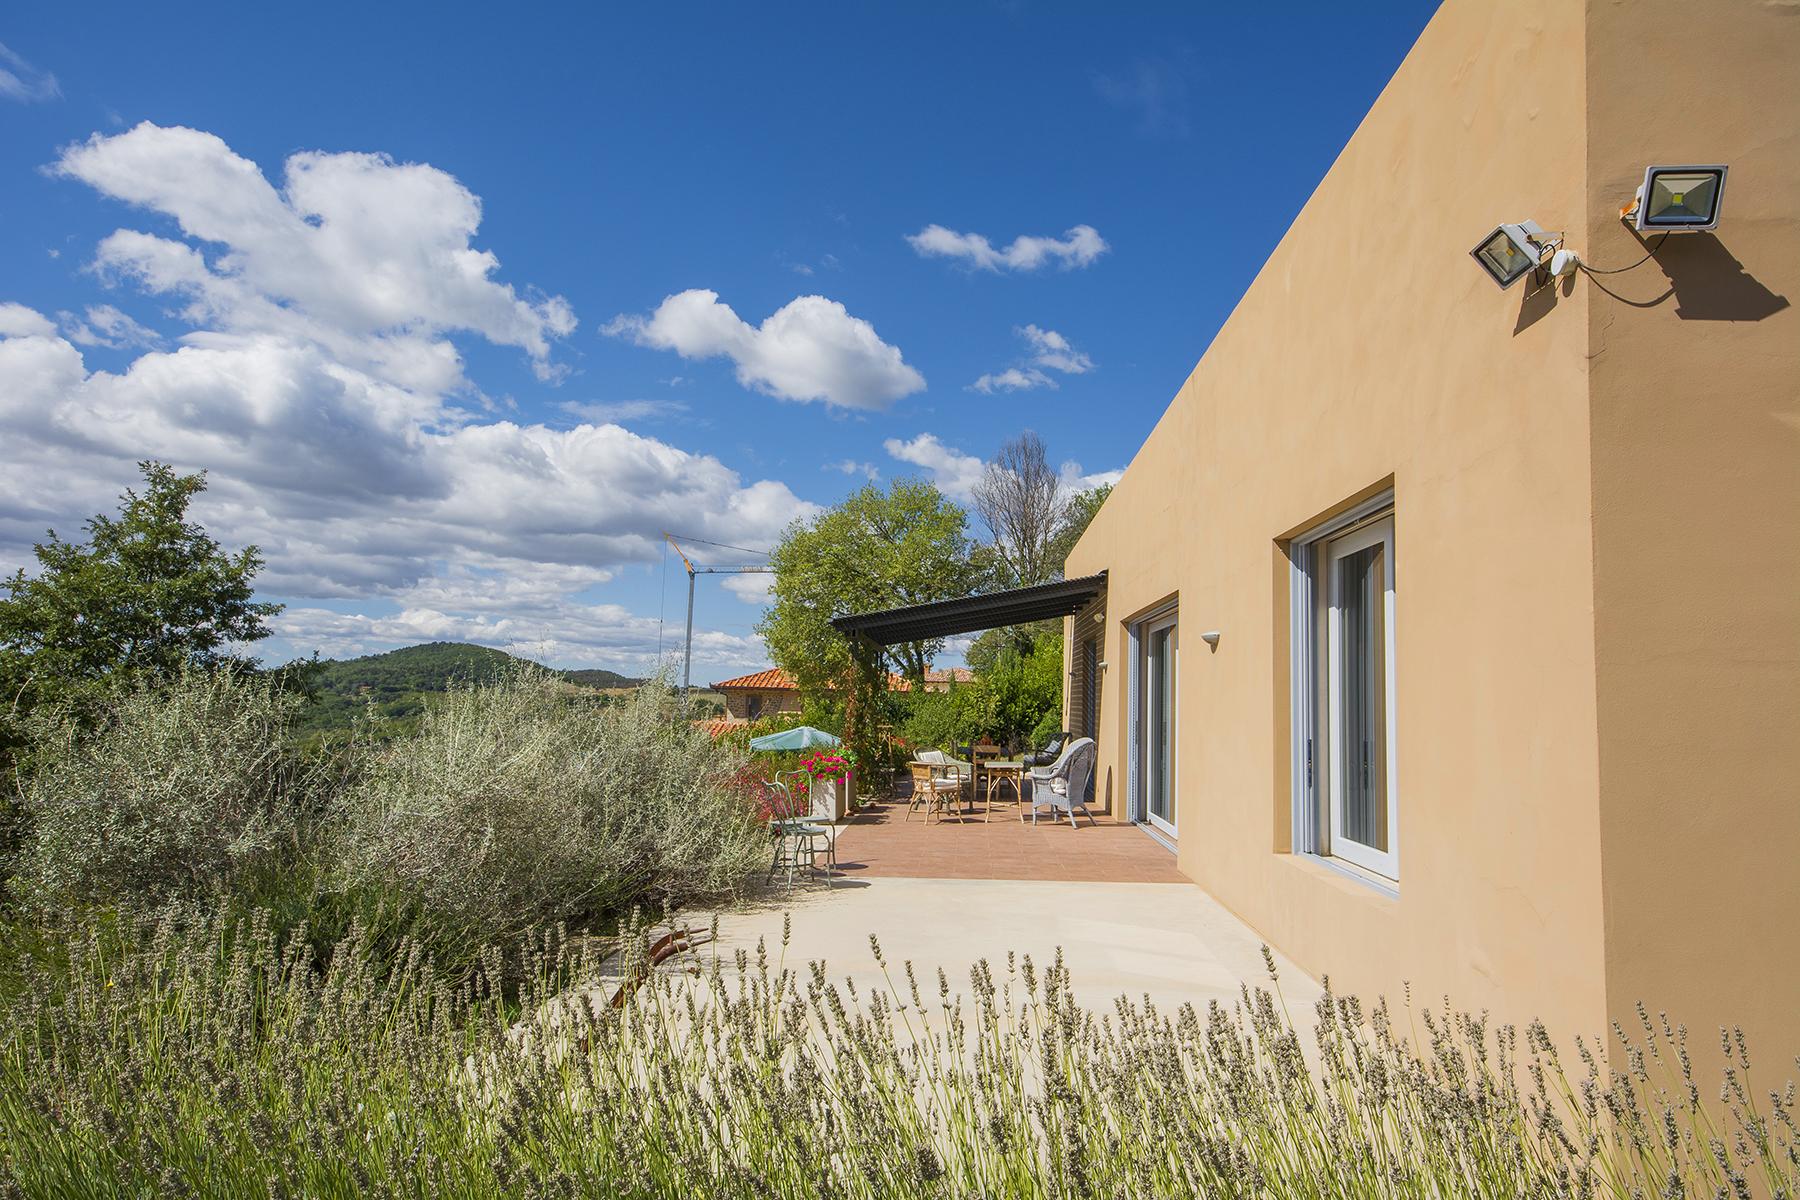 Casa indipendente in Vendita a Lisciano Niccone: 5 locali, 414 mq - Foto 7